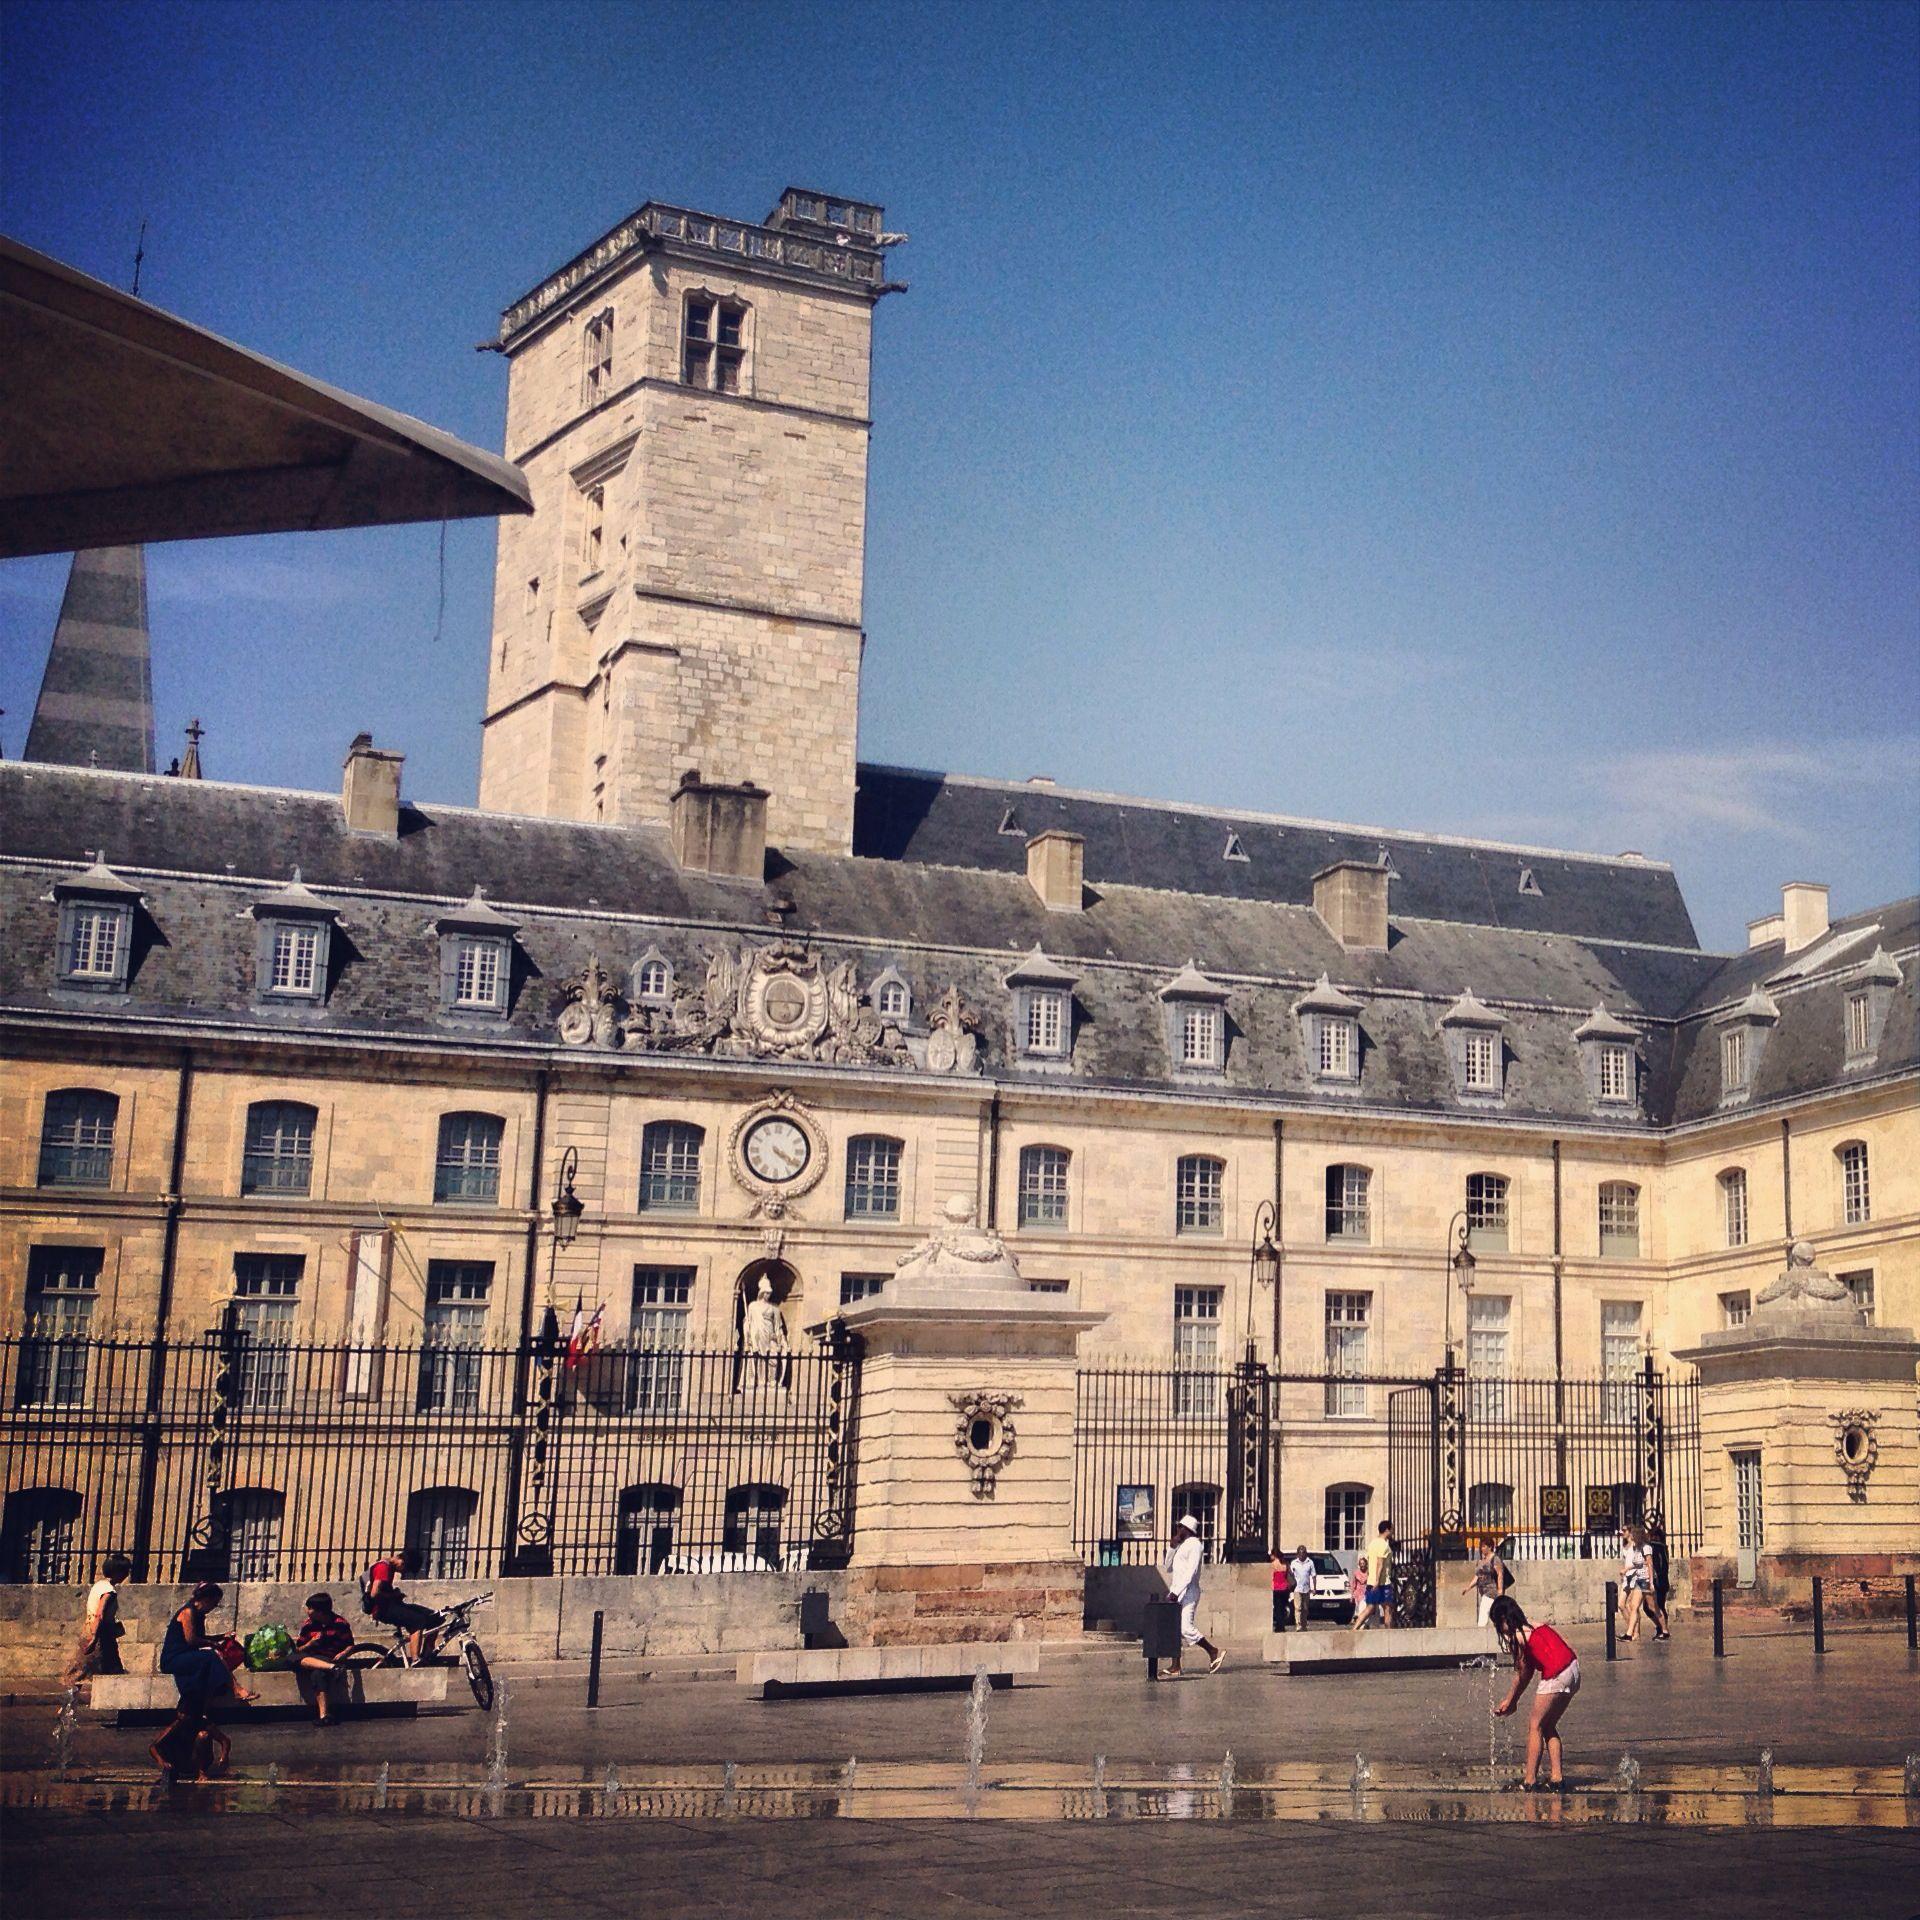 Place de la libération, Dijon